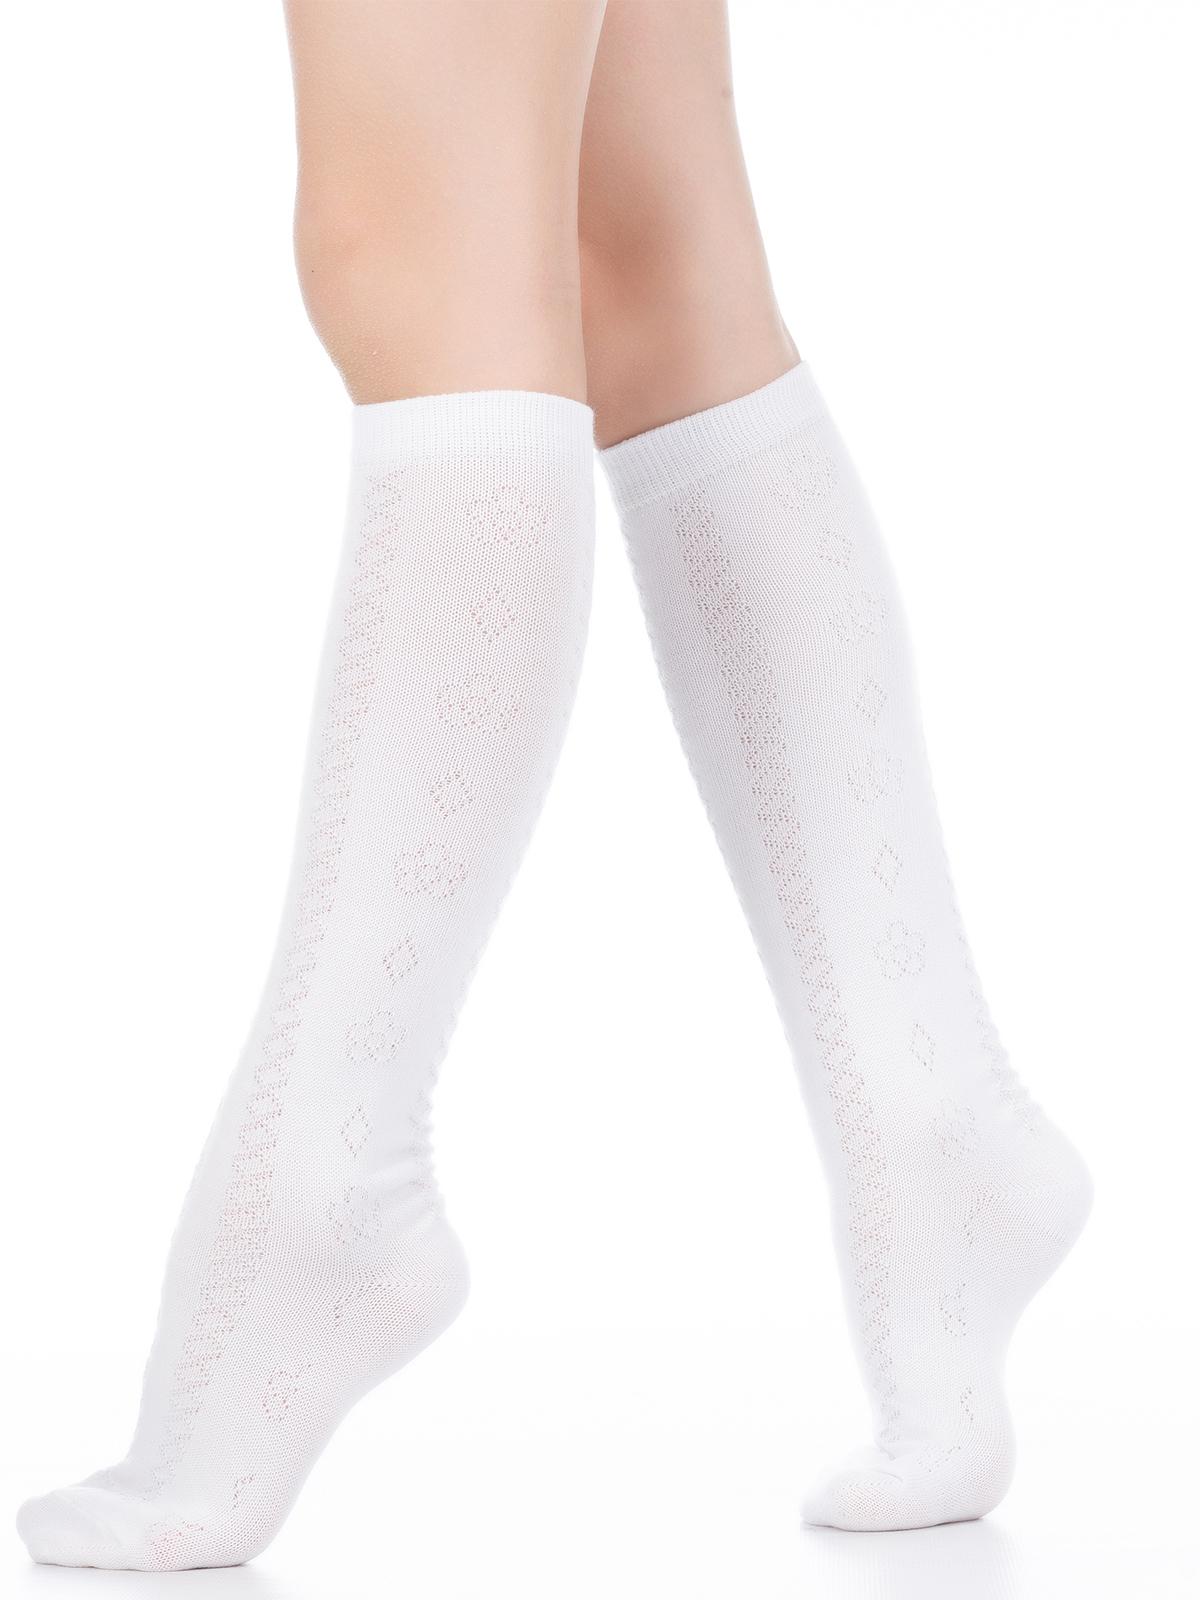 Купить Гольфы детские Hobby Line 839 ажурные, классика, белый, 16, Гольфы для девочек